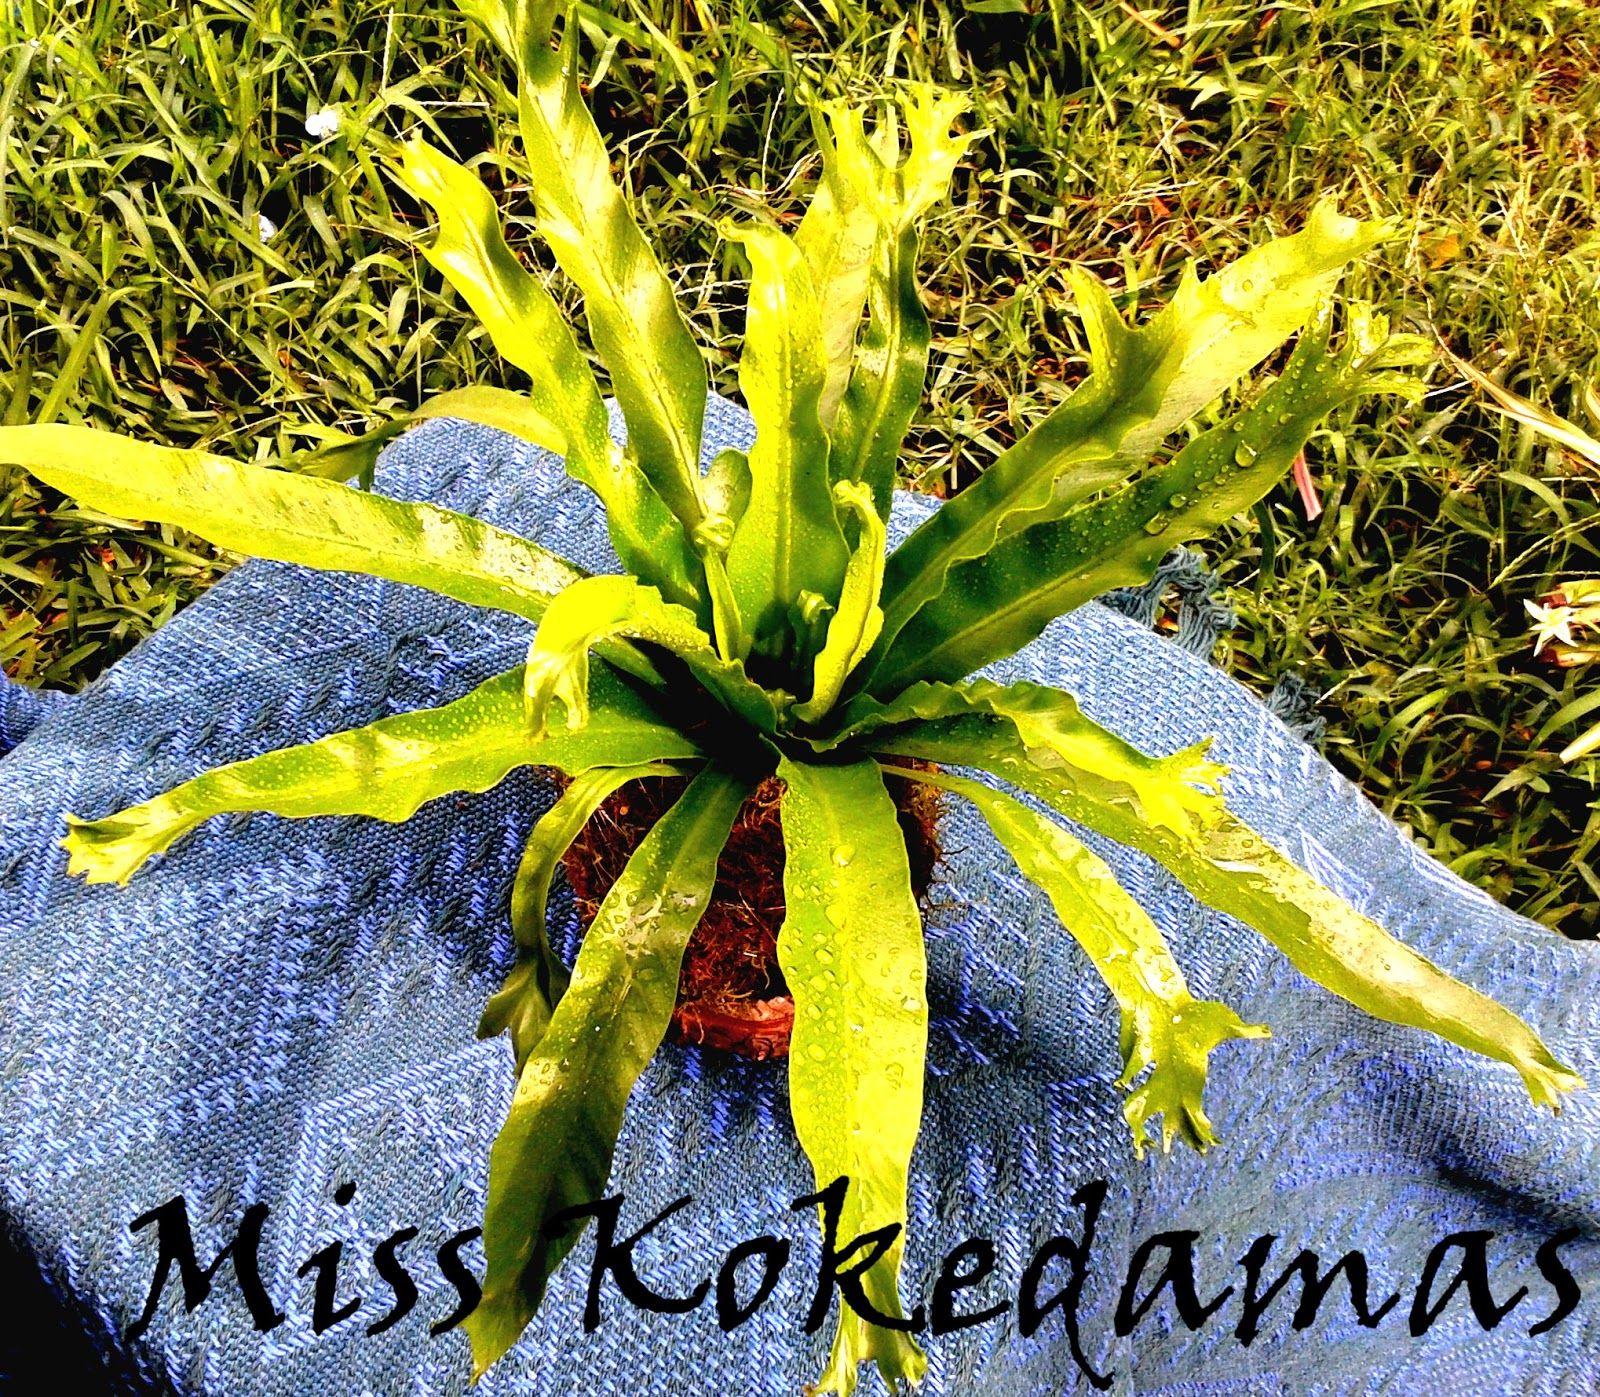 Miss kokedamas plantas decorativas de interior en macetas lugares para visitar - Plantas decorativas interior ...